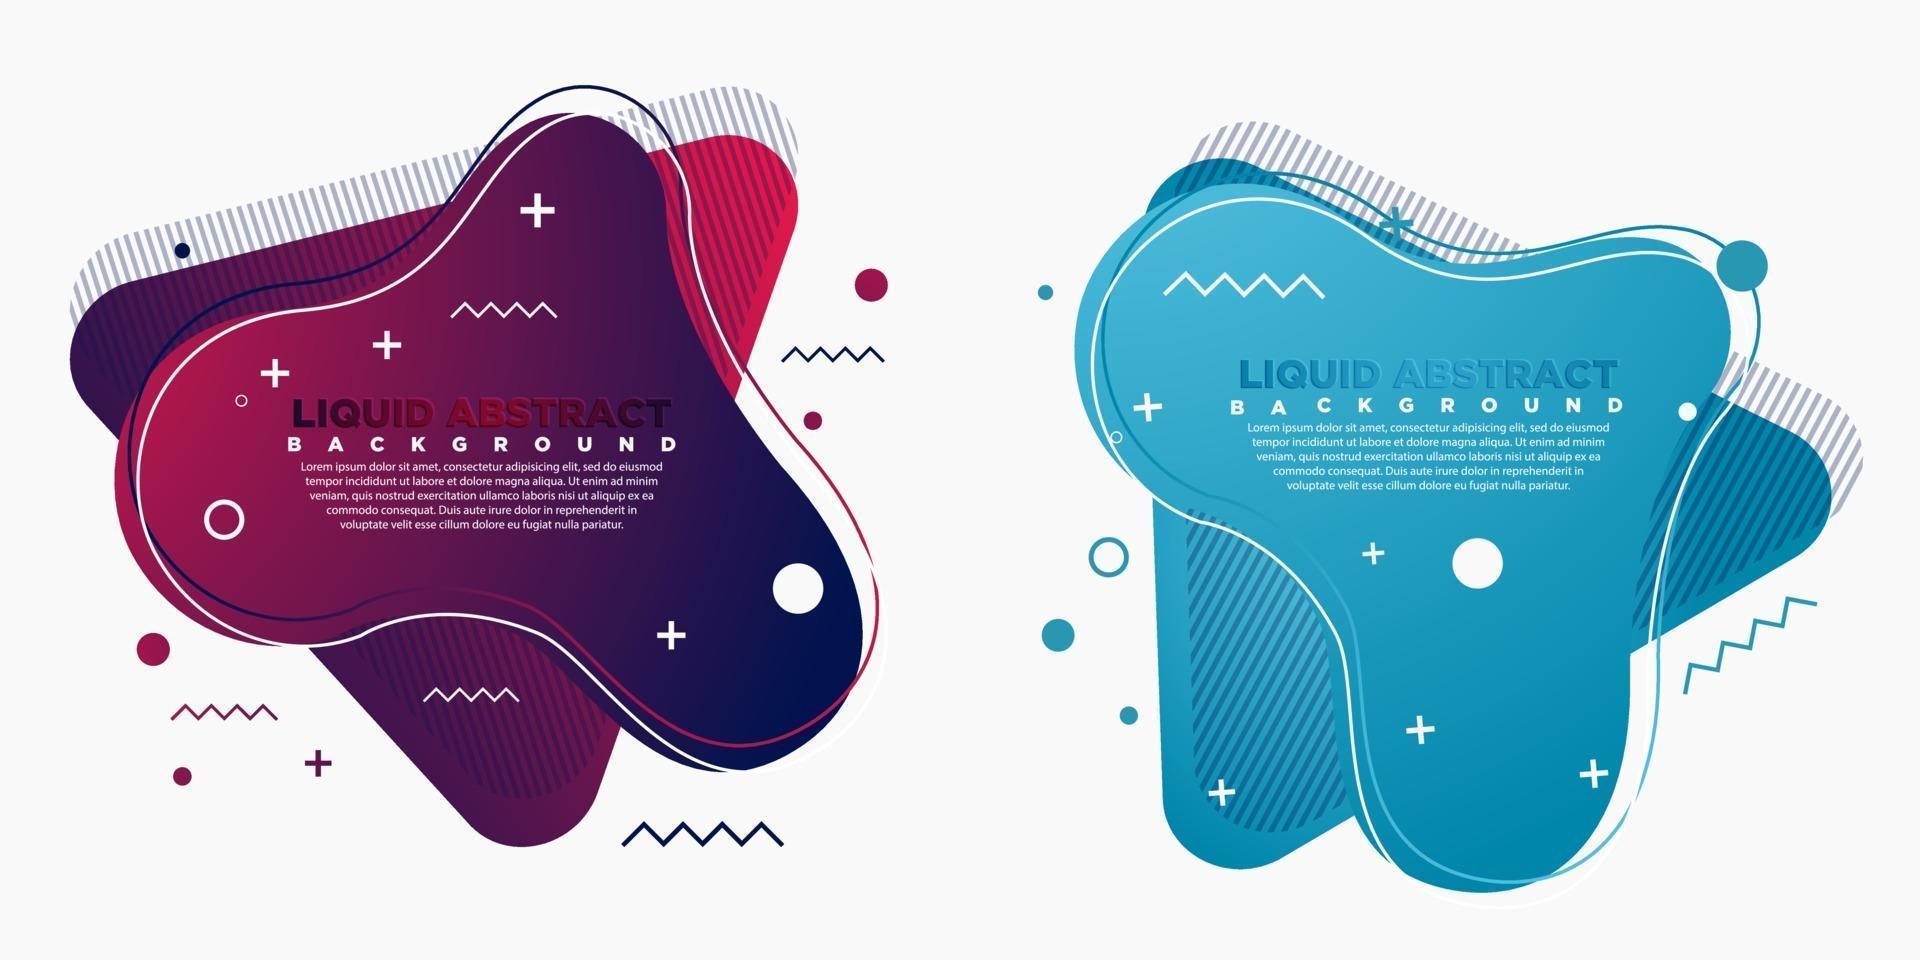 conjunto de elementos gráficos modernos abstractos. formas y líneas y gradaciones de colores dinámicas. banner abstracto degradado con formas fluidas que fluyen. plantillas para diseño de logotipos o presentaciones. vector